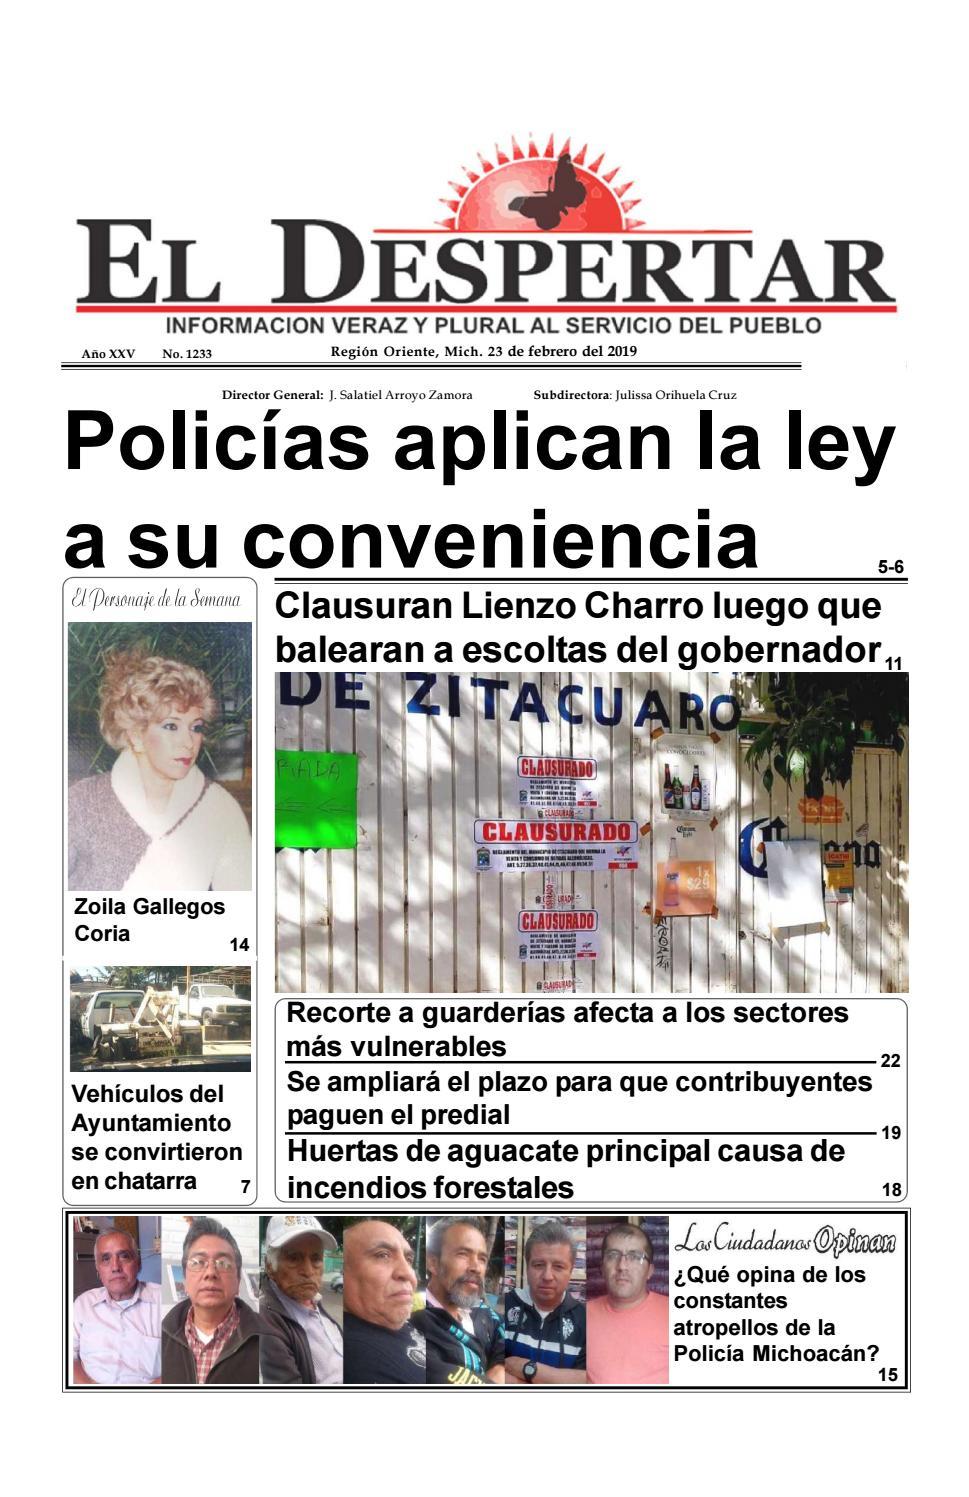 Mujeres Solteras Zitacuaro 403556